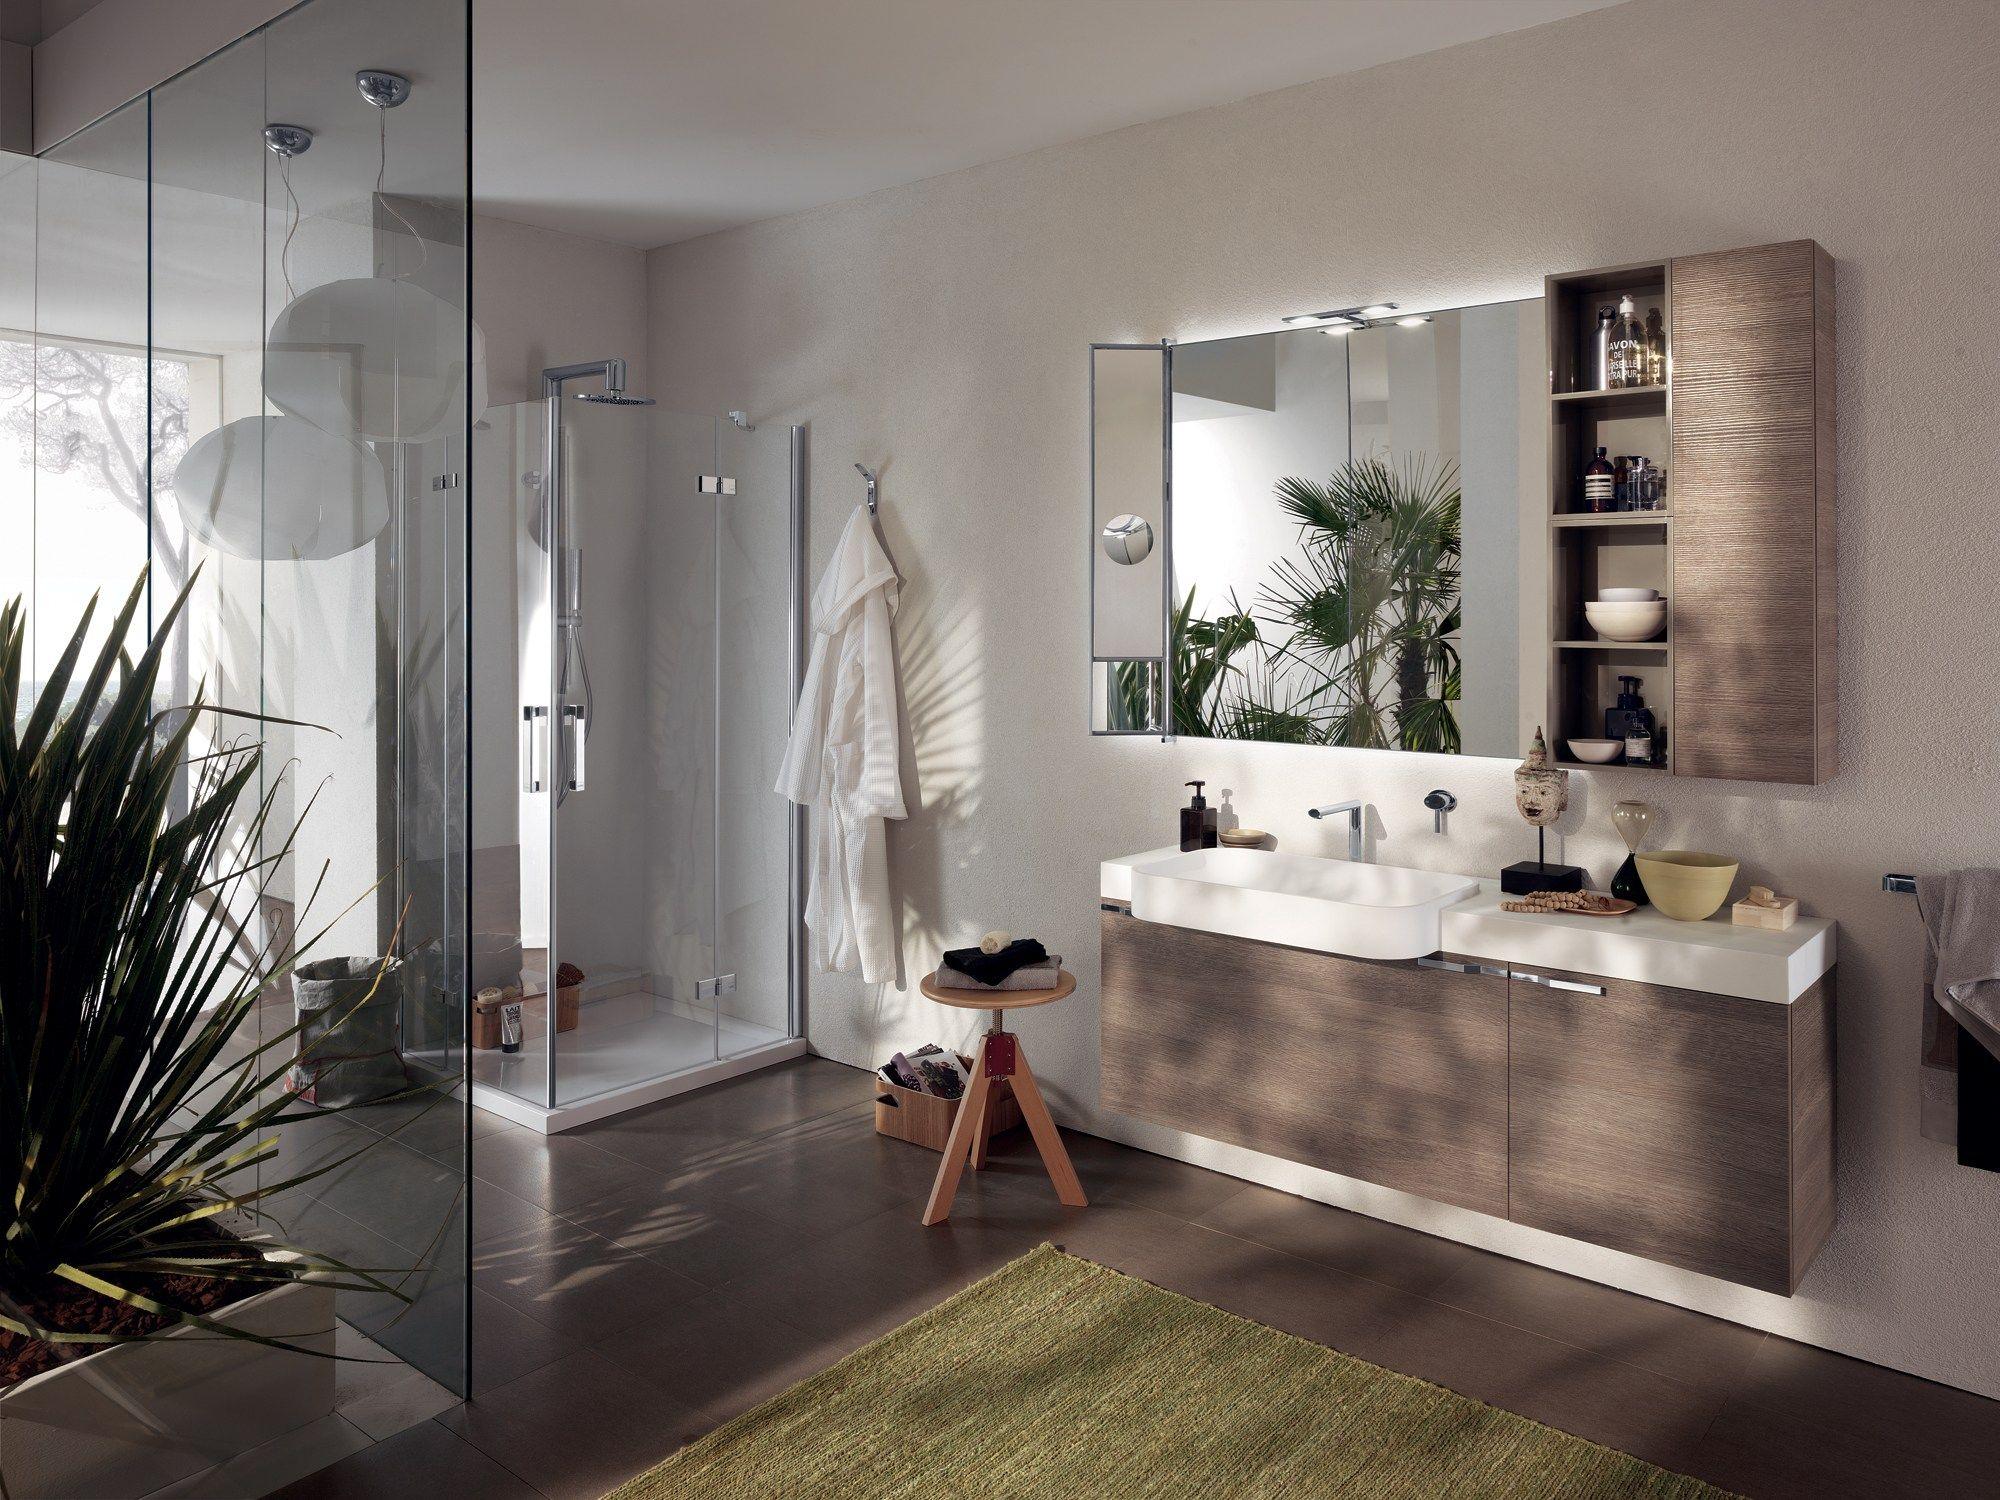 Arredo bagno completo AQUO By Scavolini Bathrooms design Castiglia ...